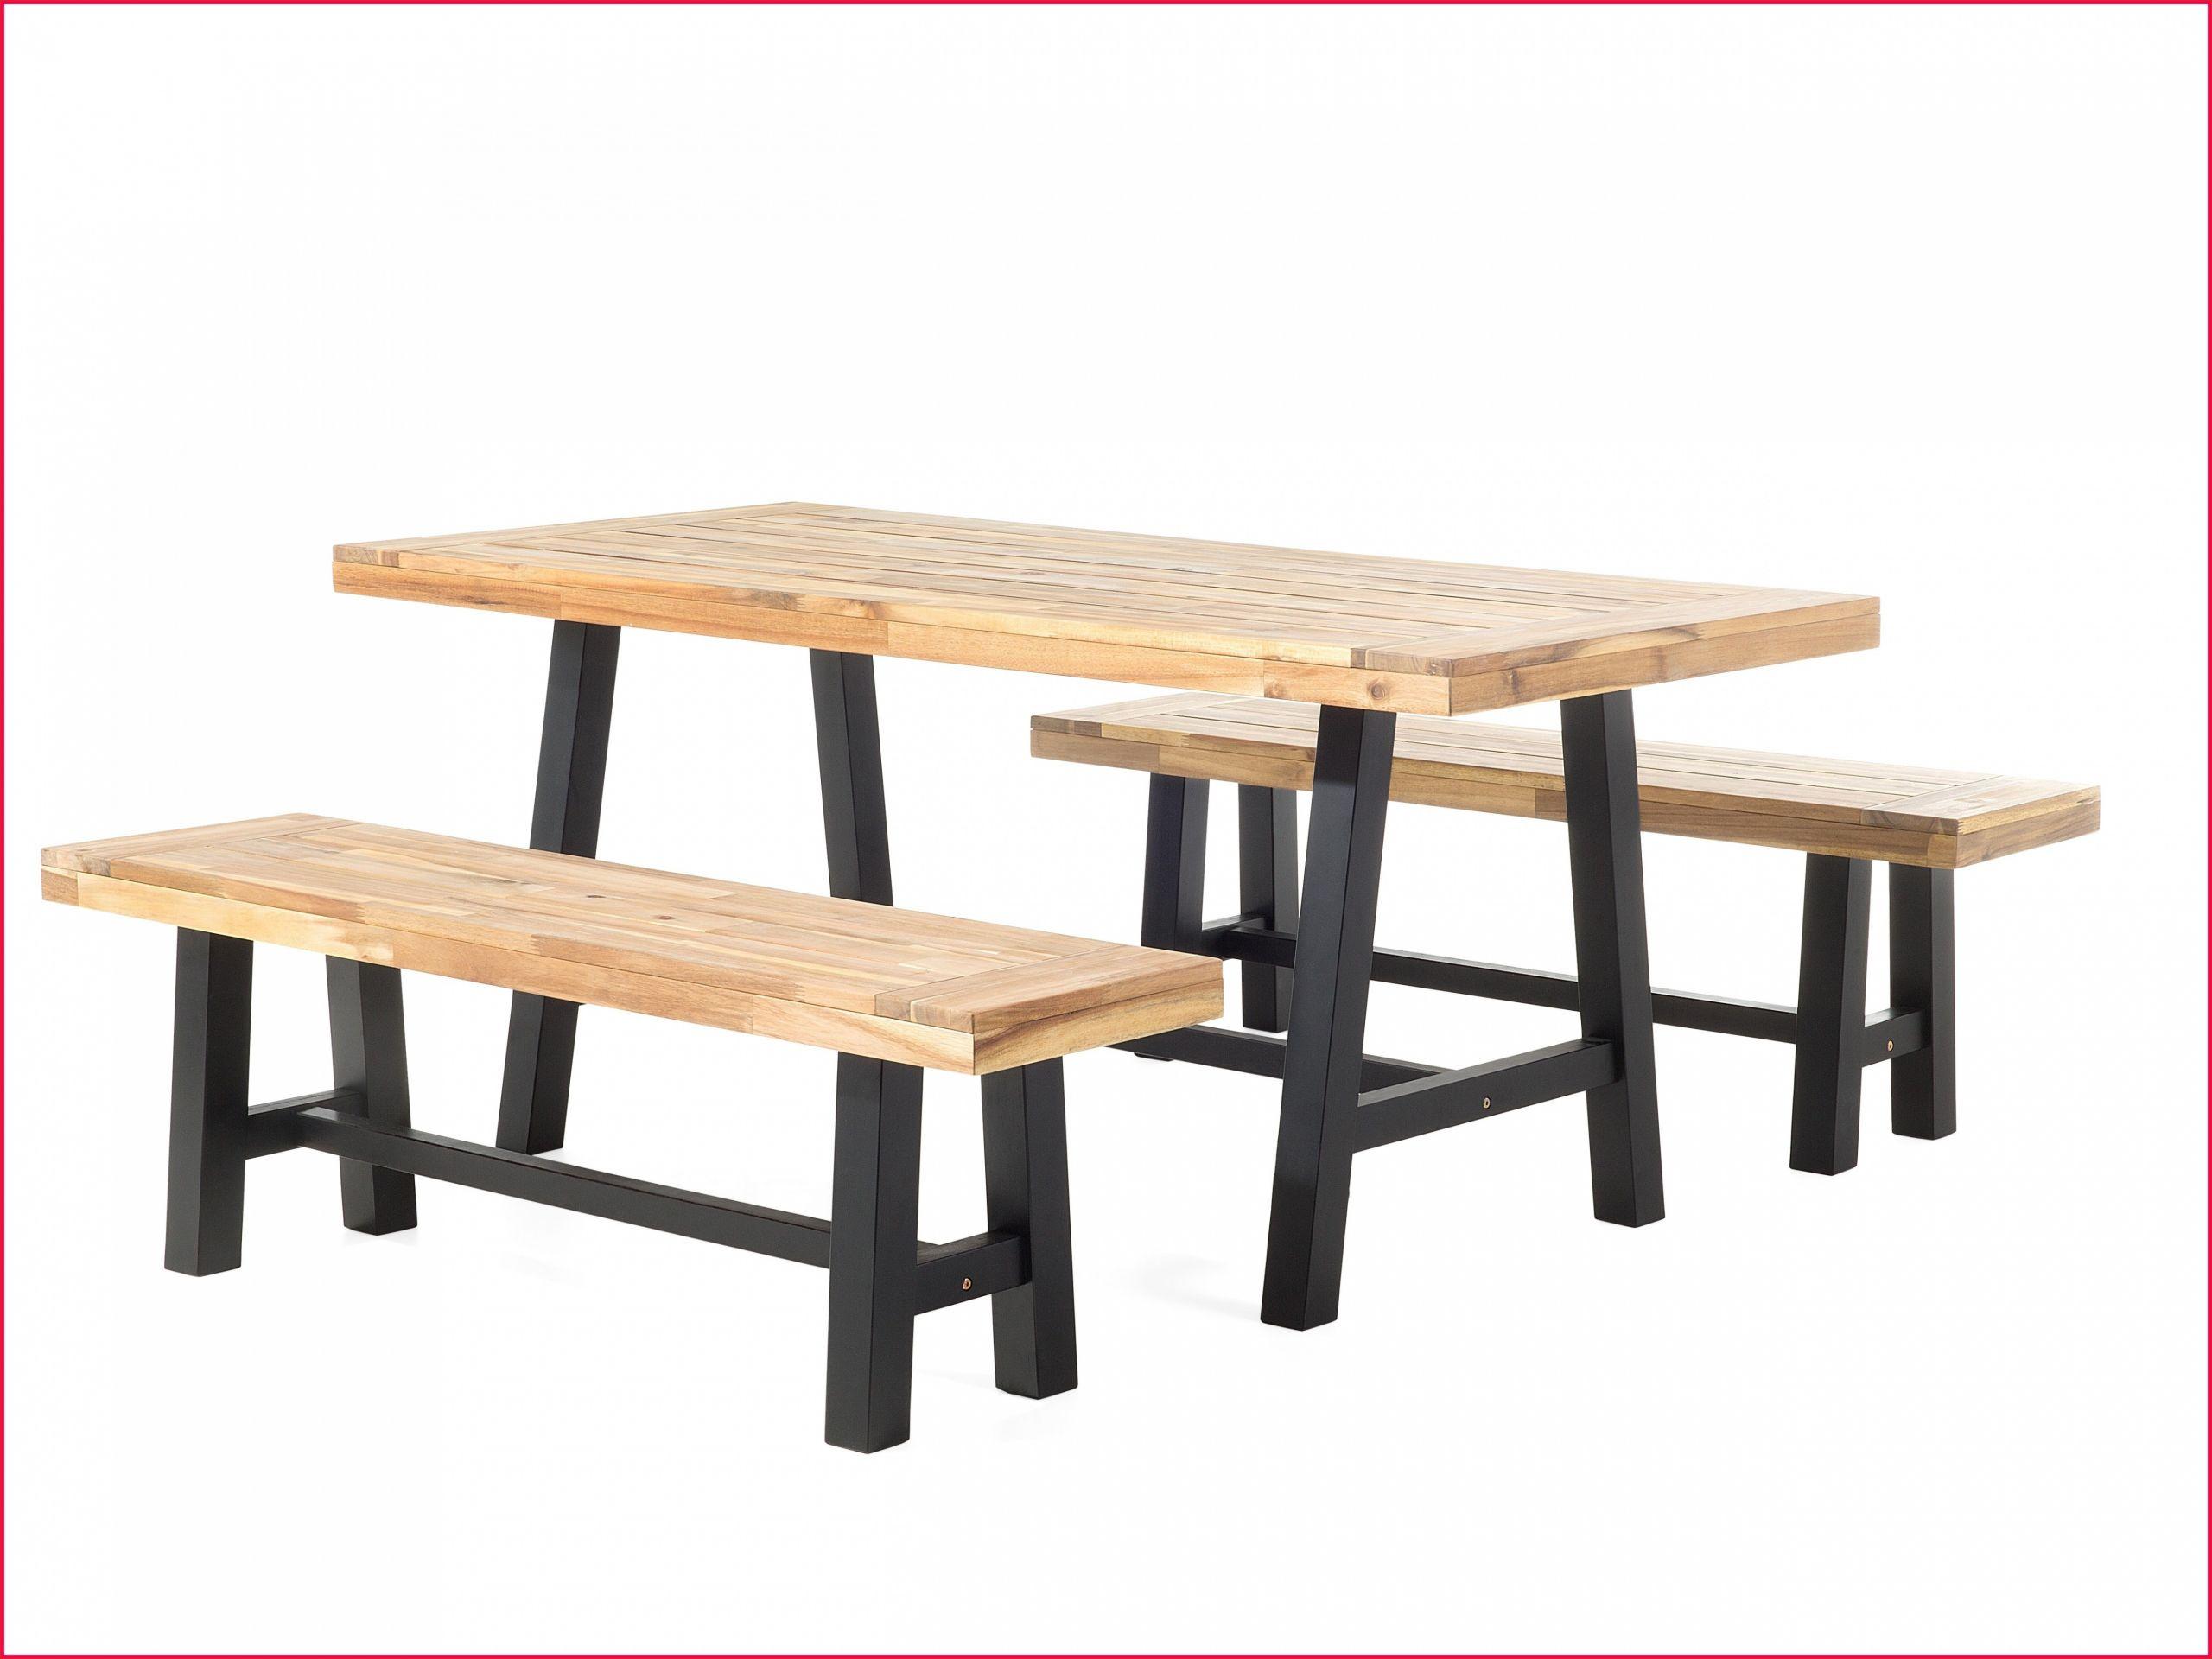 Table Et Banc De Jardin En Bois Luxe Innovante Banc Pour Jardin Image De Jardin Décoratif